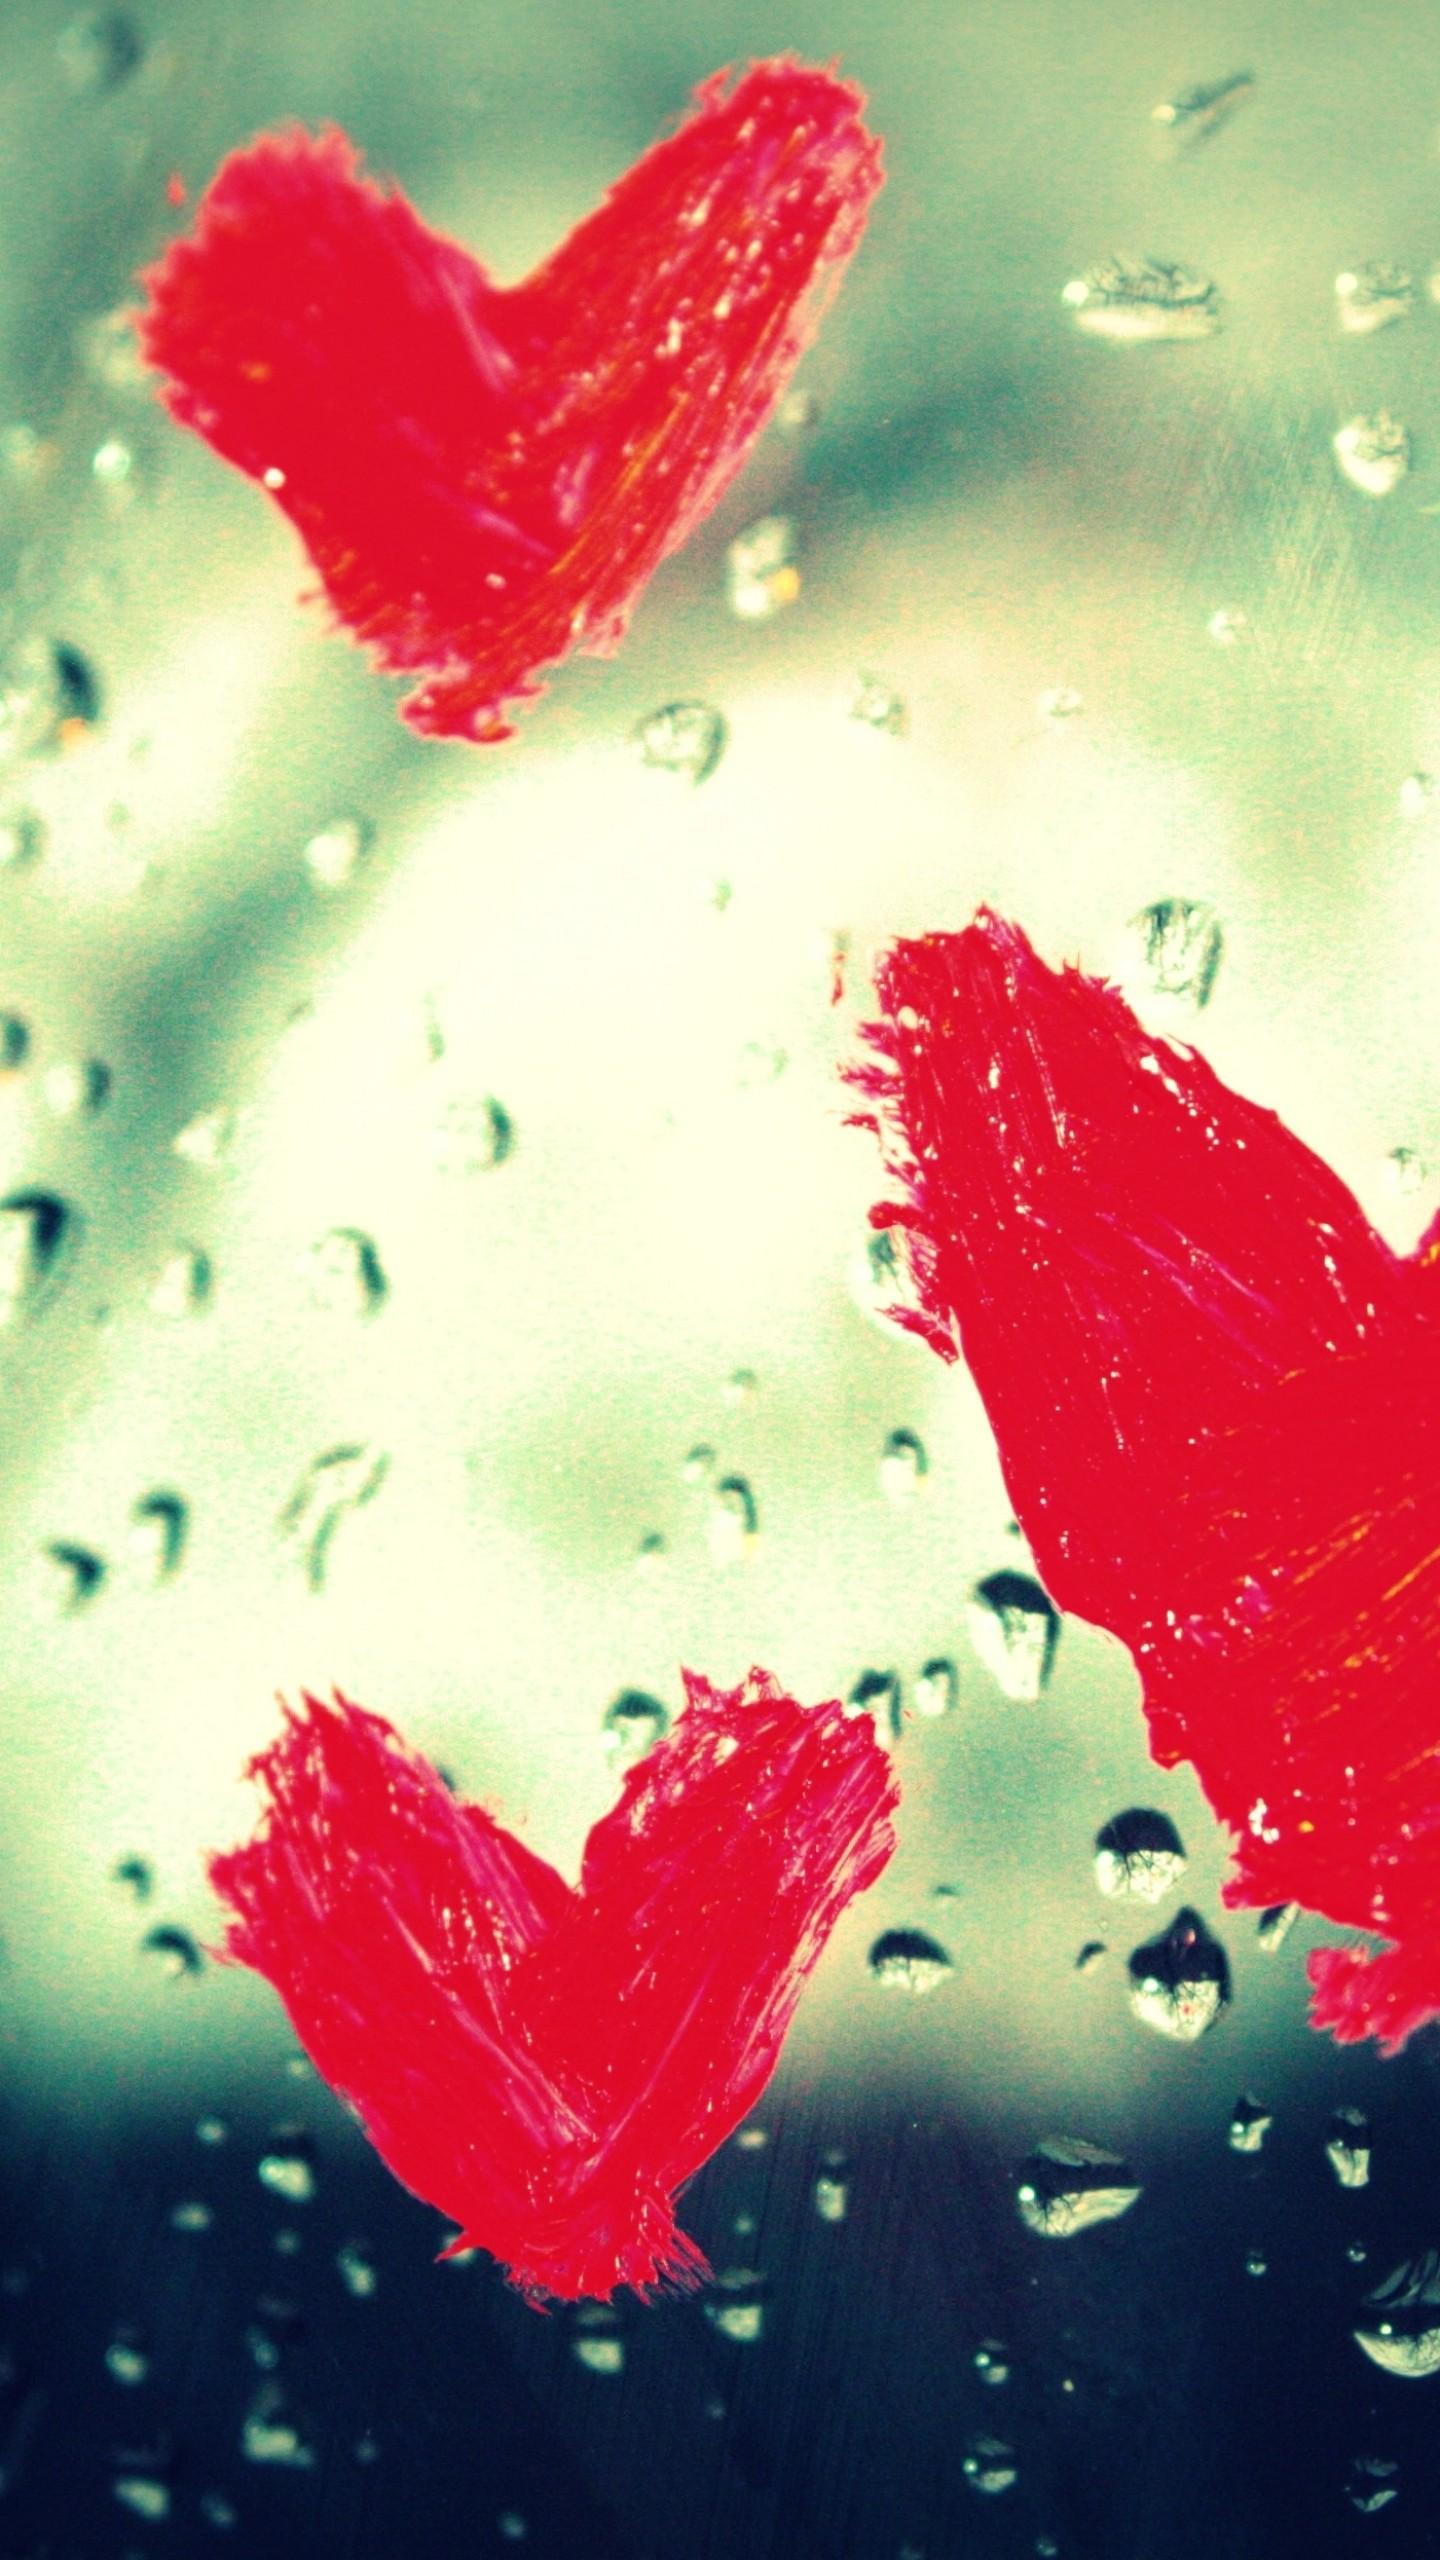 عکس زمینه قطره های باران و قلب های روی شیشه پس زمینه